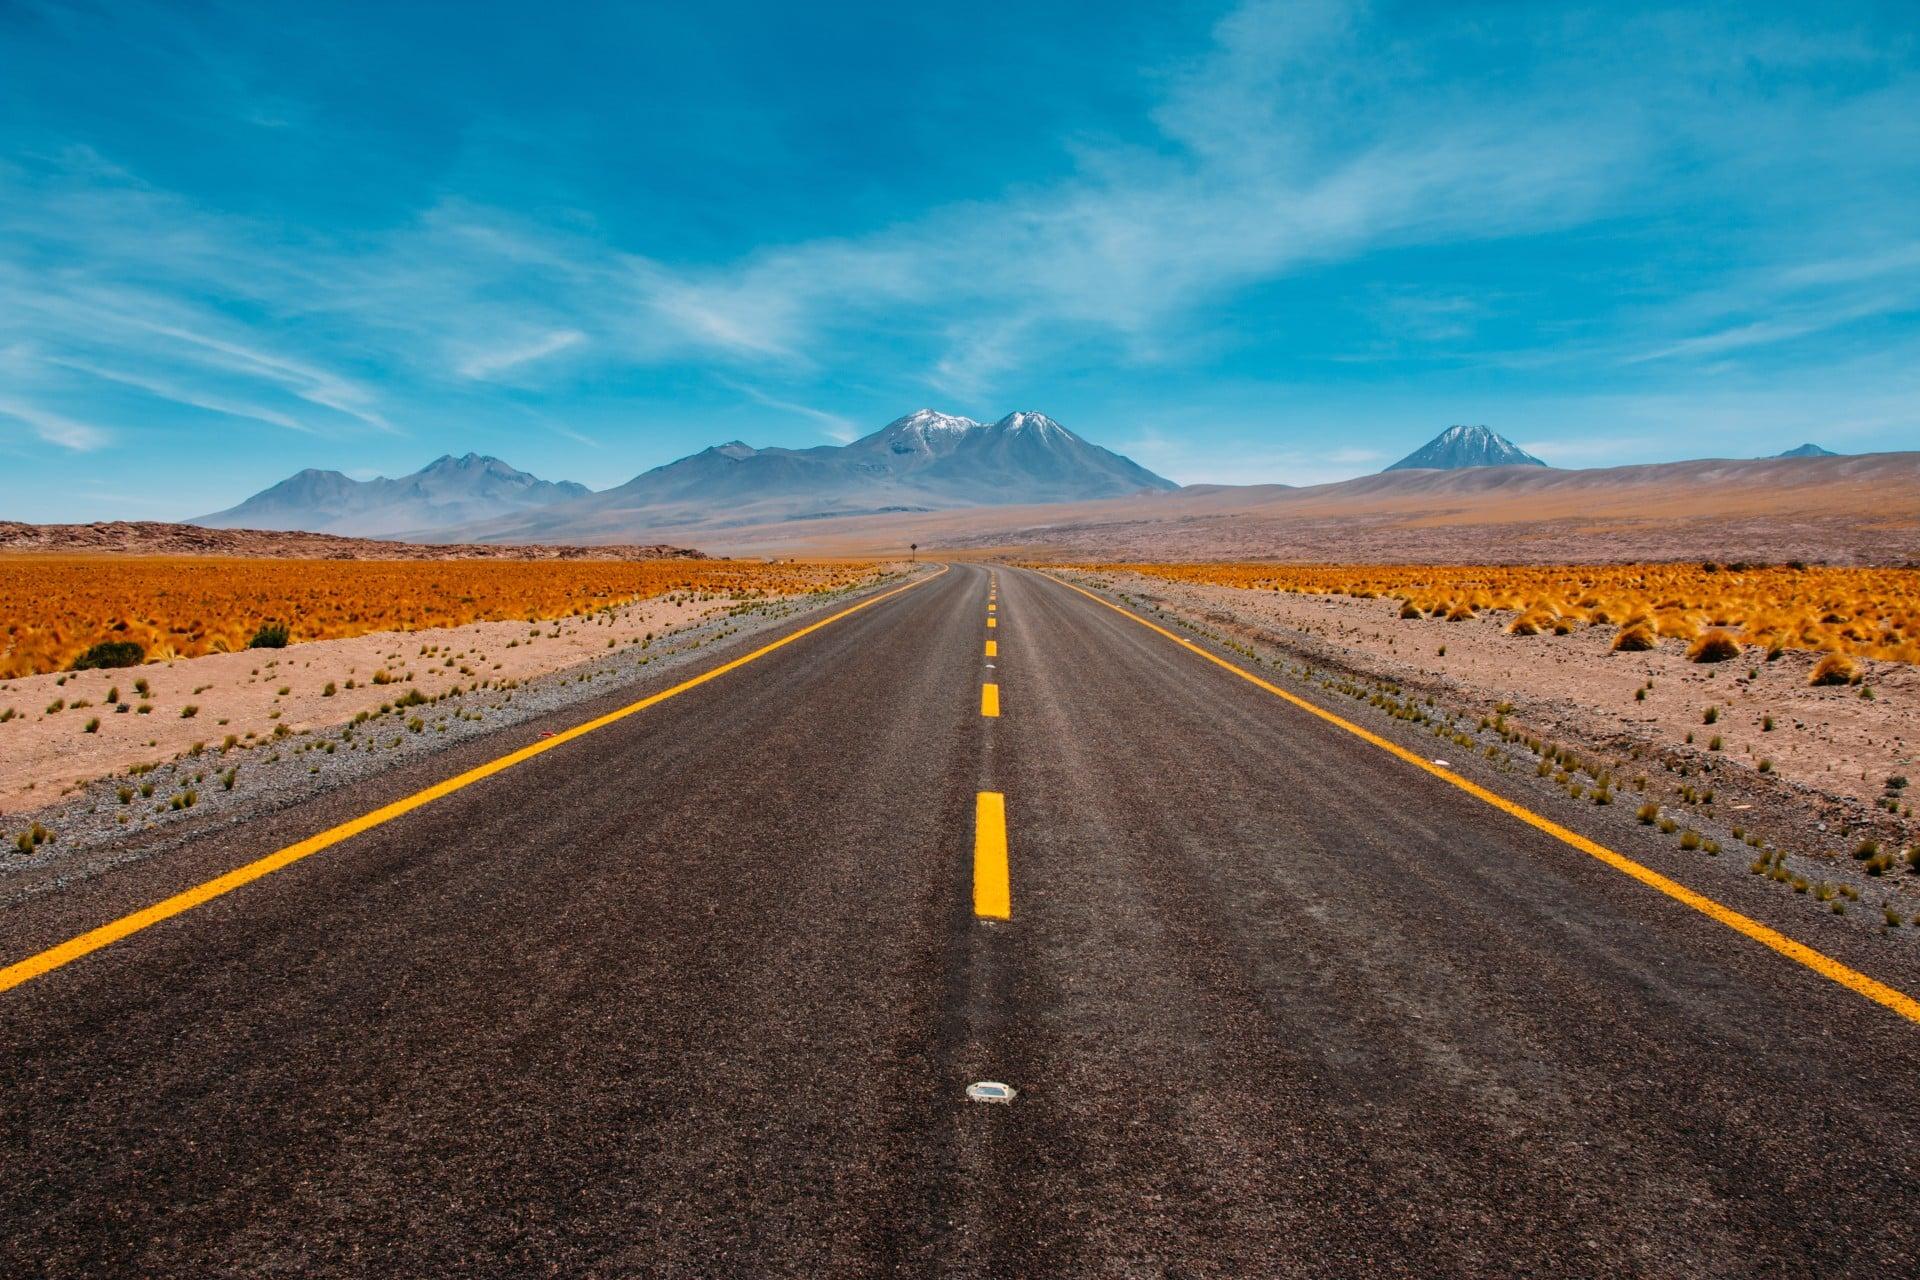 La Route Sud Americaine Avec Les Montagnes Et Volcans Au Loin